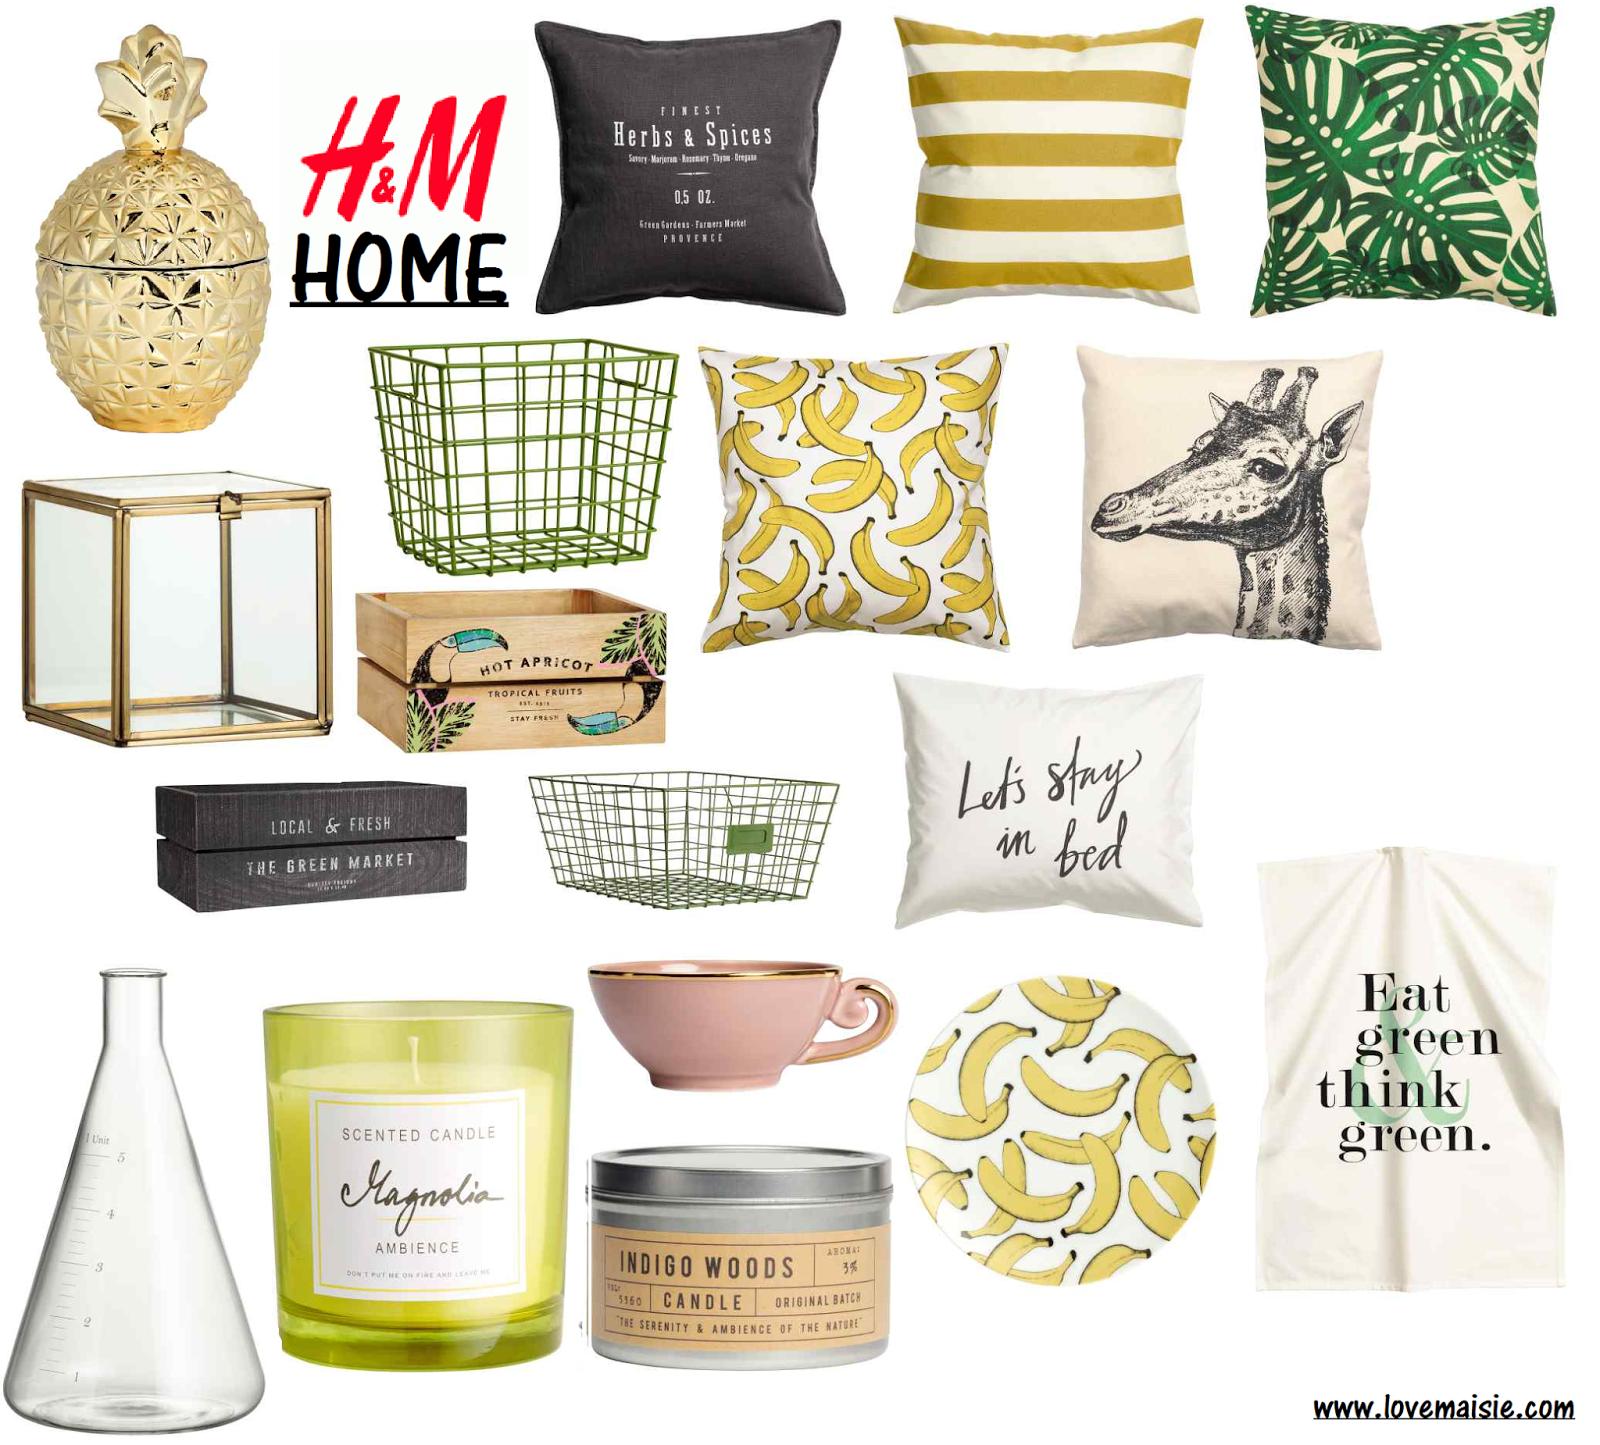 H&M Home Wishlist | Love, Maisie